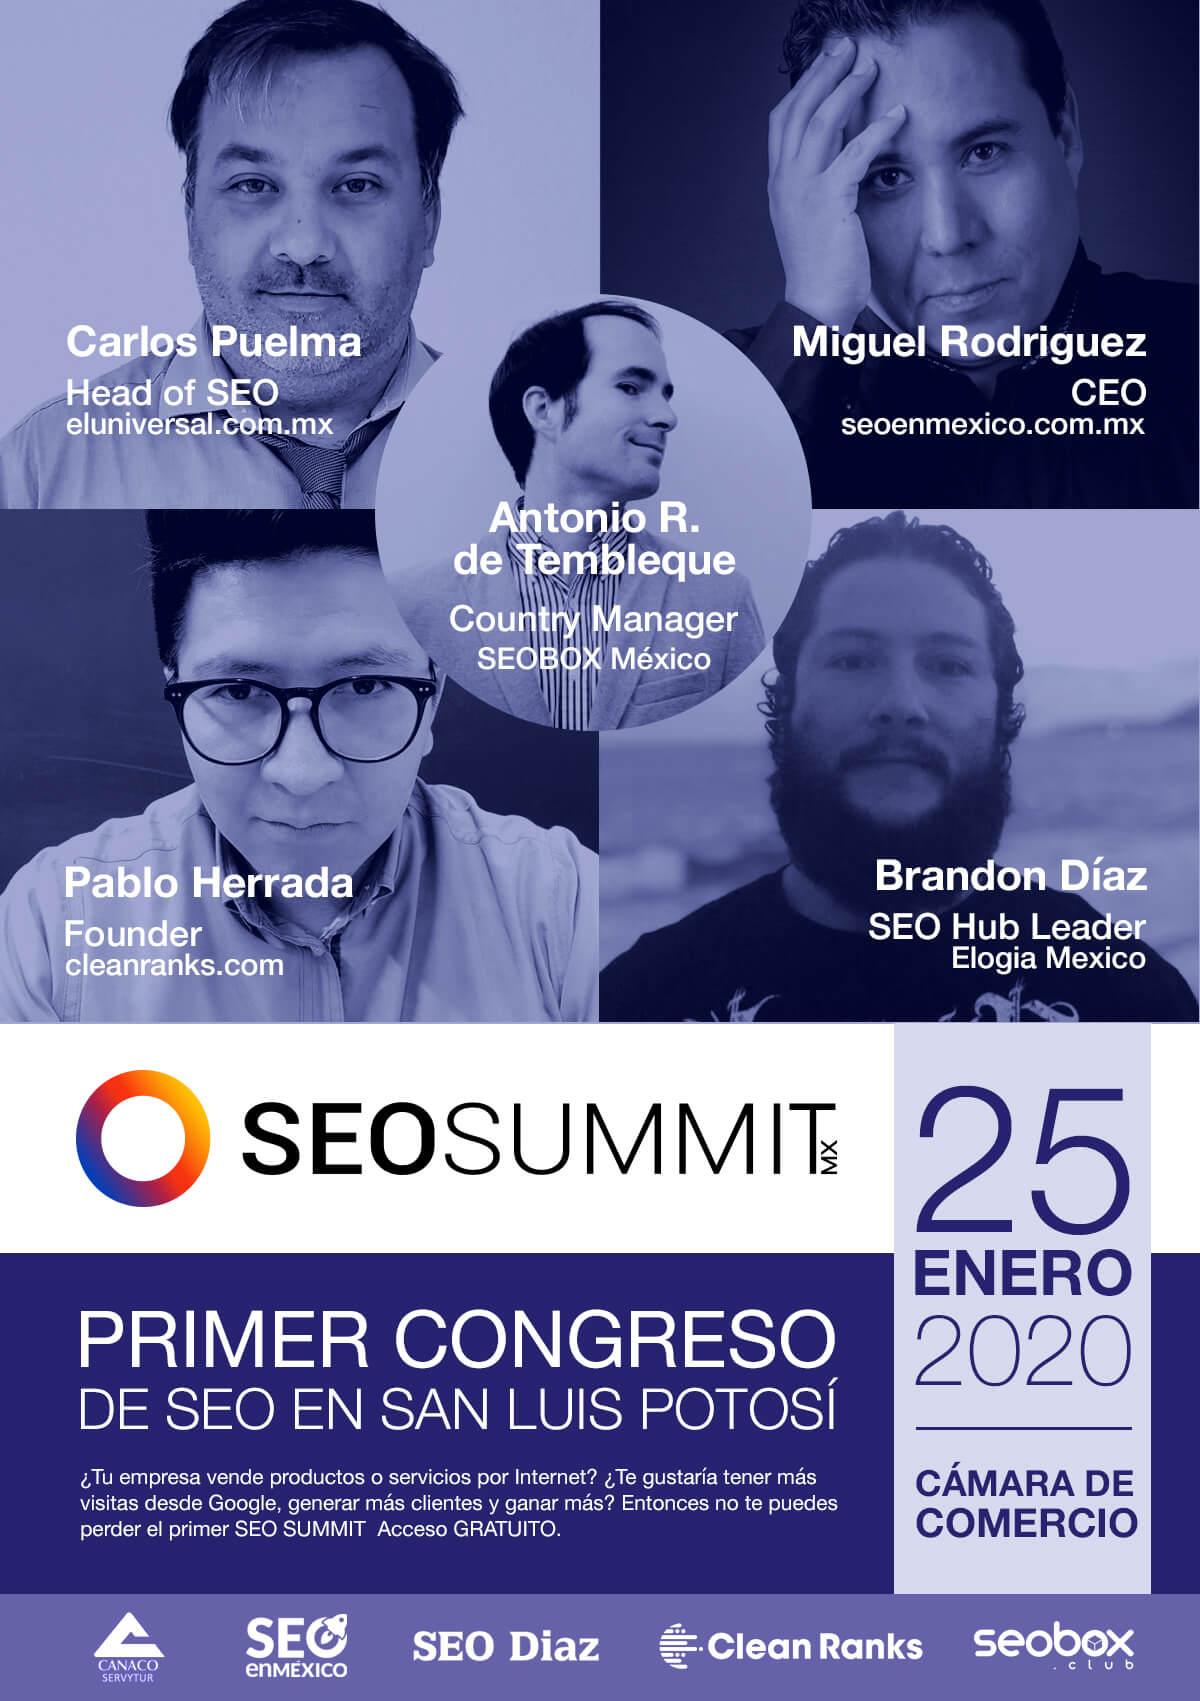 1er Congreso SEO en San Luis Potosí - SEOSUMMIT